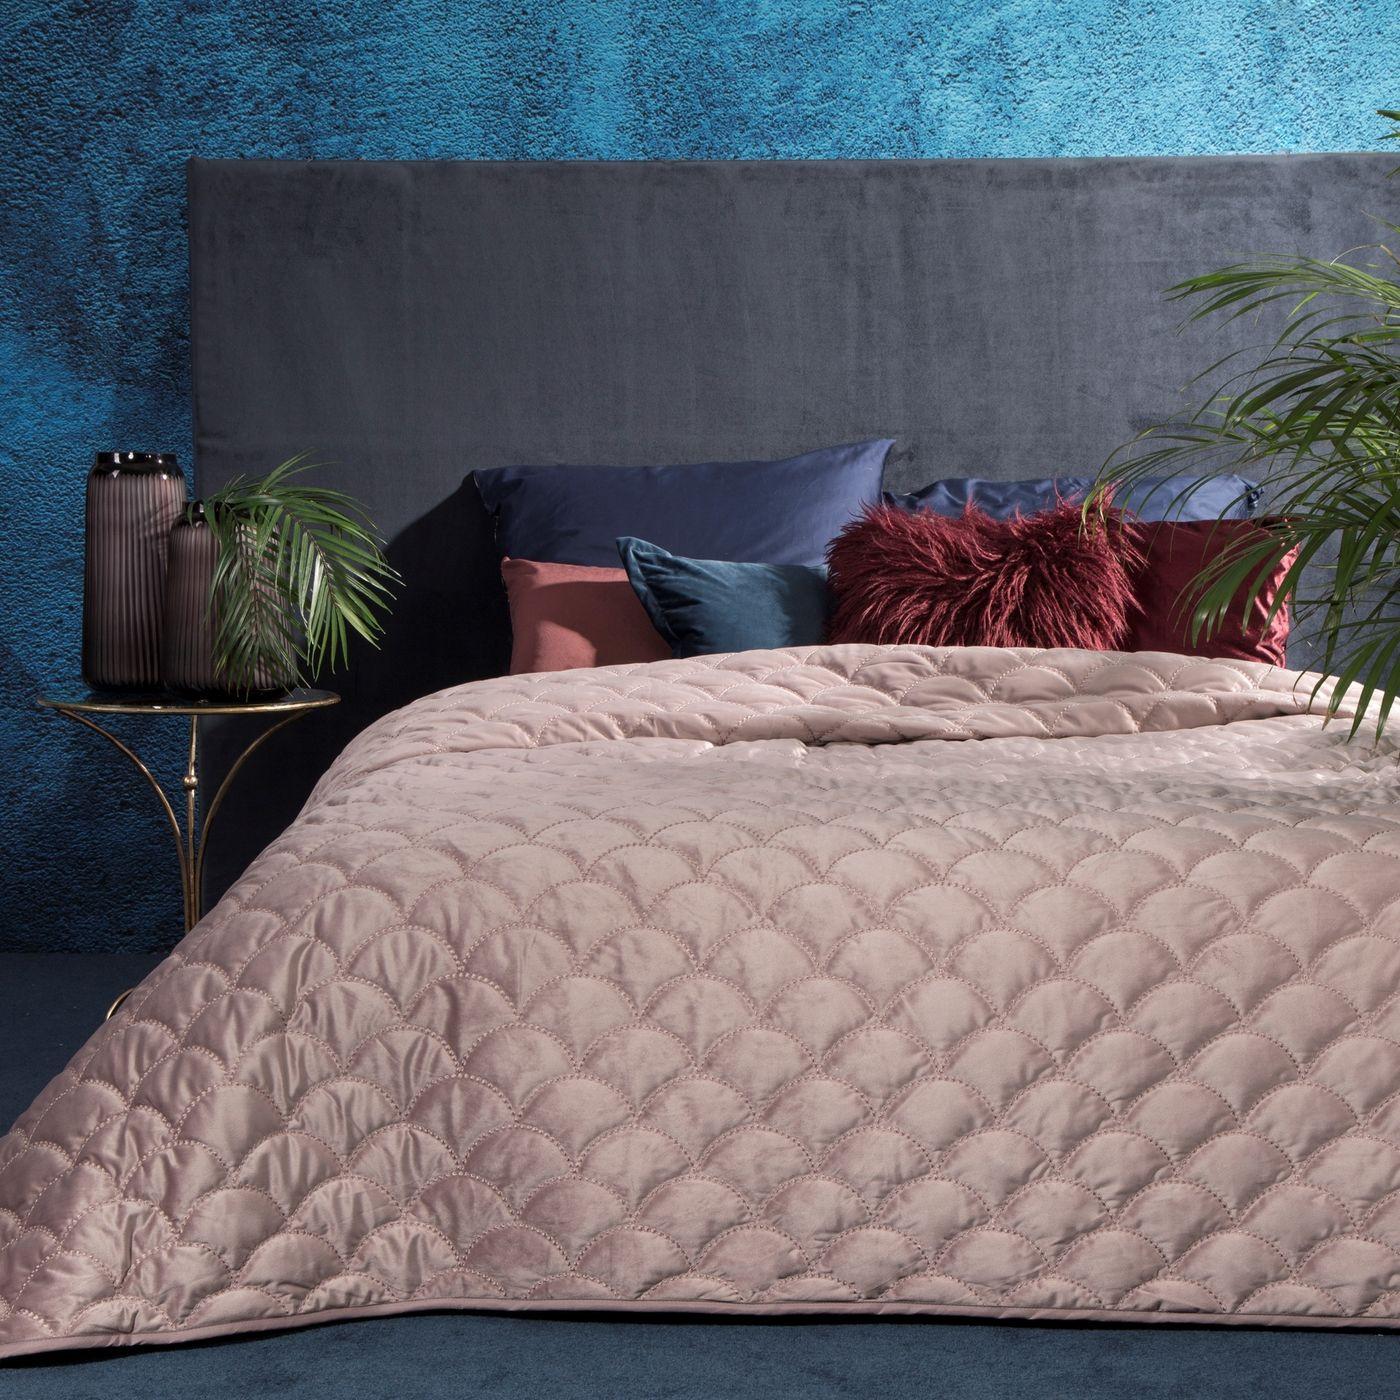 Ekskluzywna narzuta do sypialni pikowana - mój wybór Eva Minge - różowa 220x240 cm